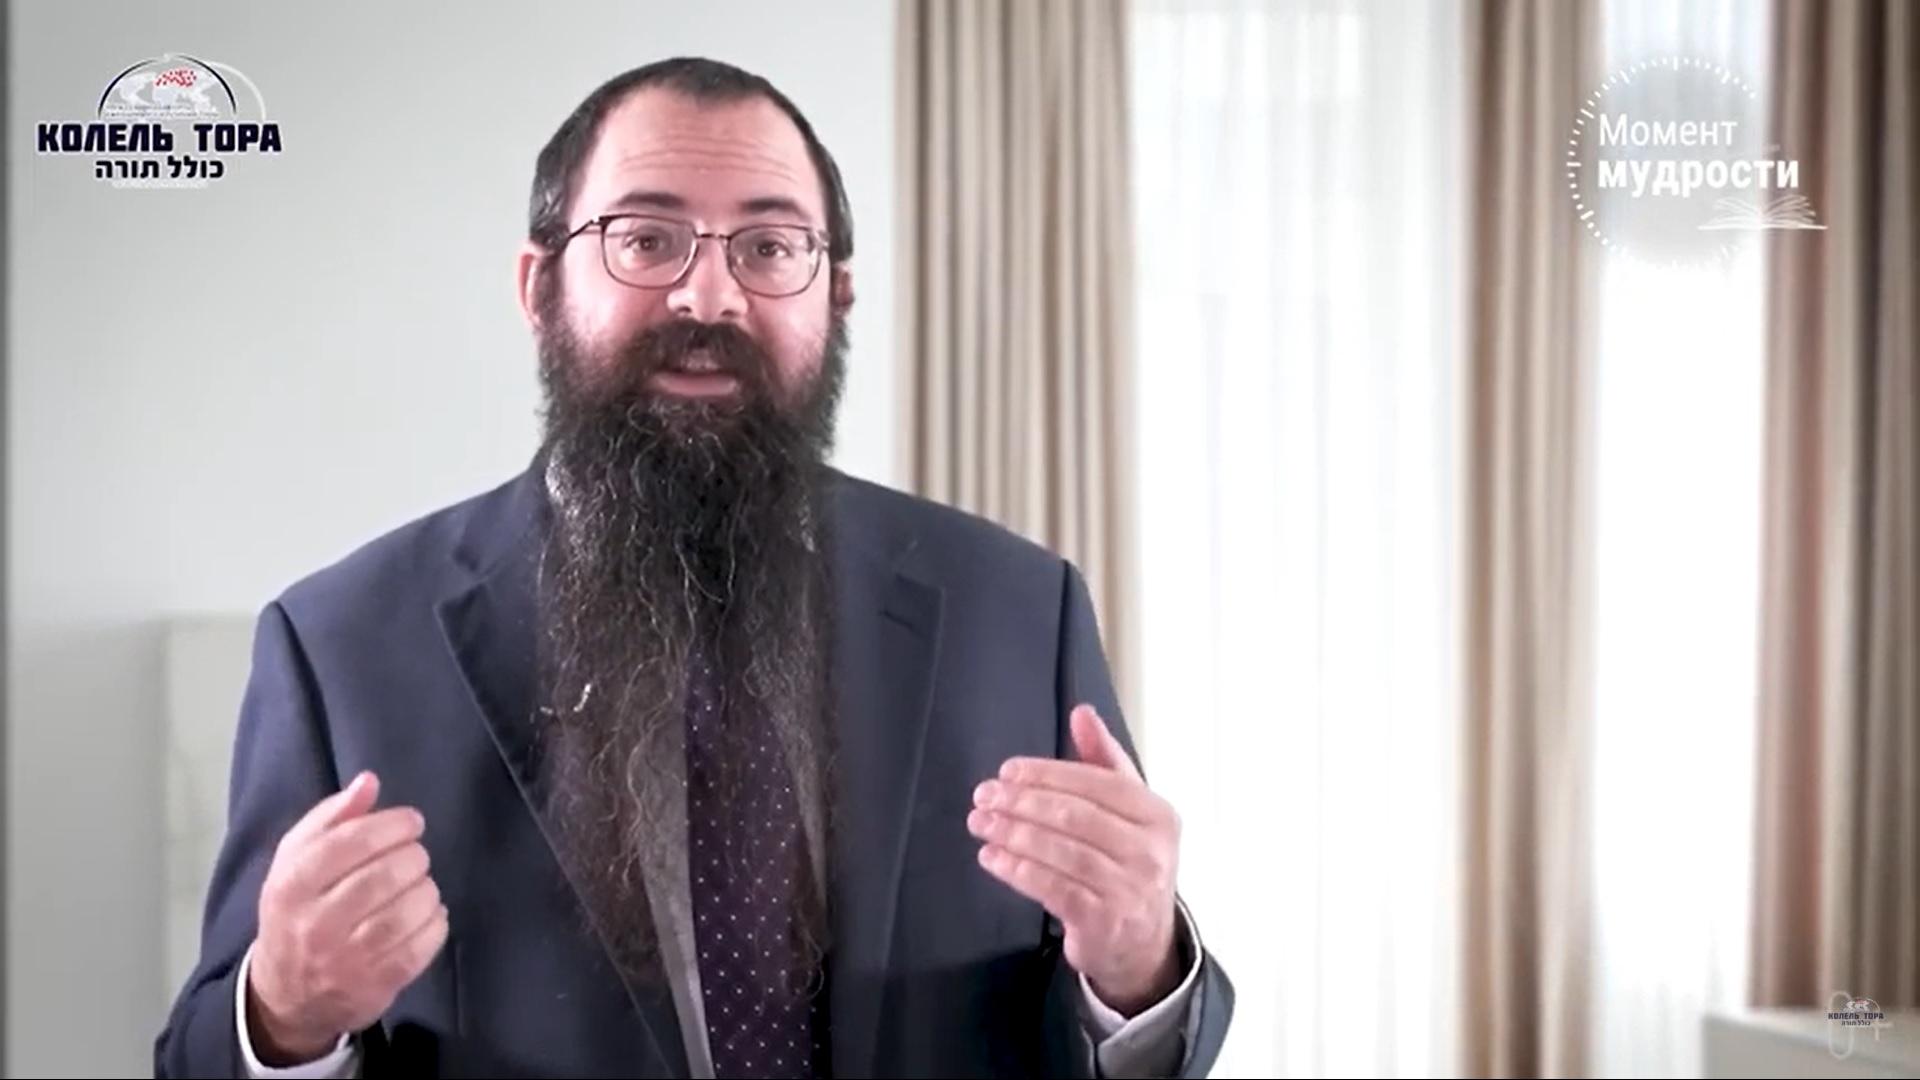 Мудрость иудаизма: роль тела человека при приходе Машиаха